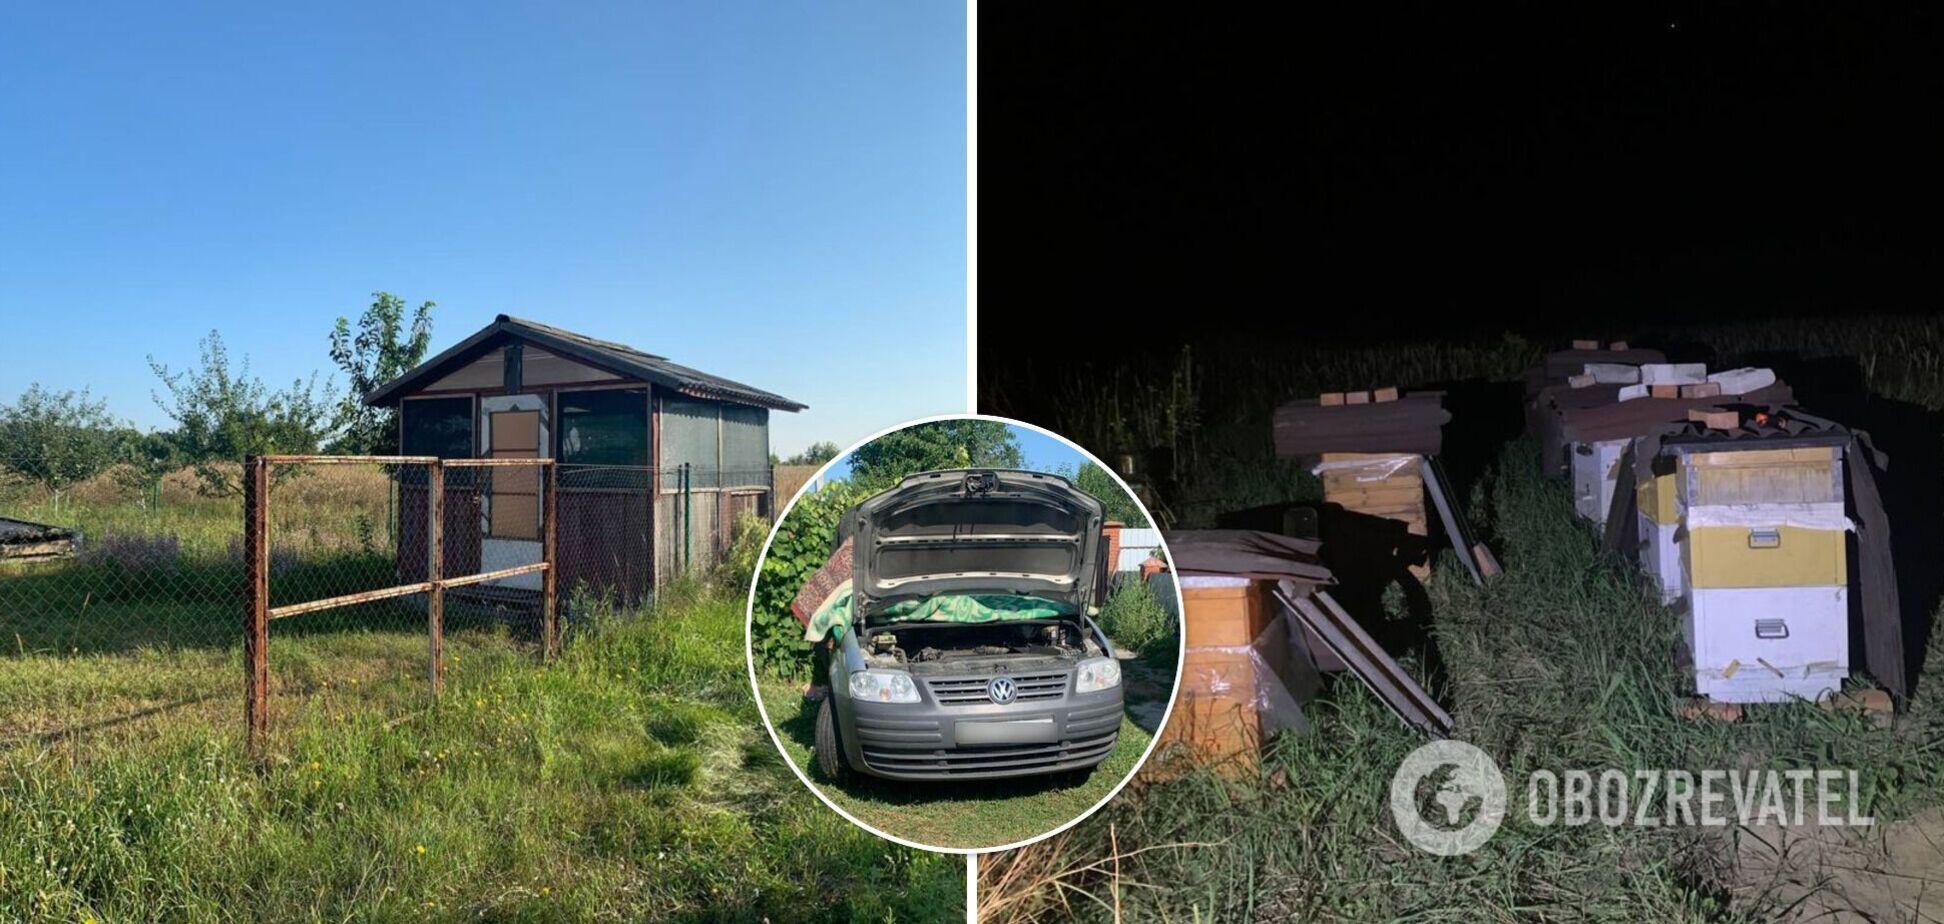 Злоумышленники успели продать автомагнитолу из угнанной машины